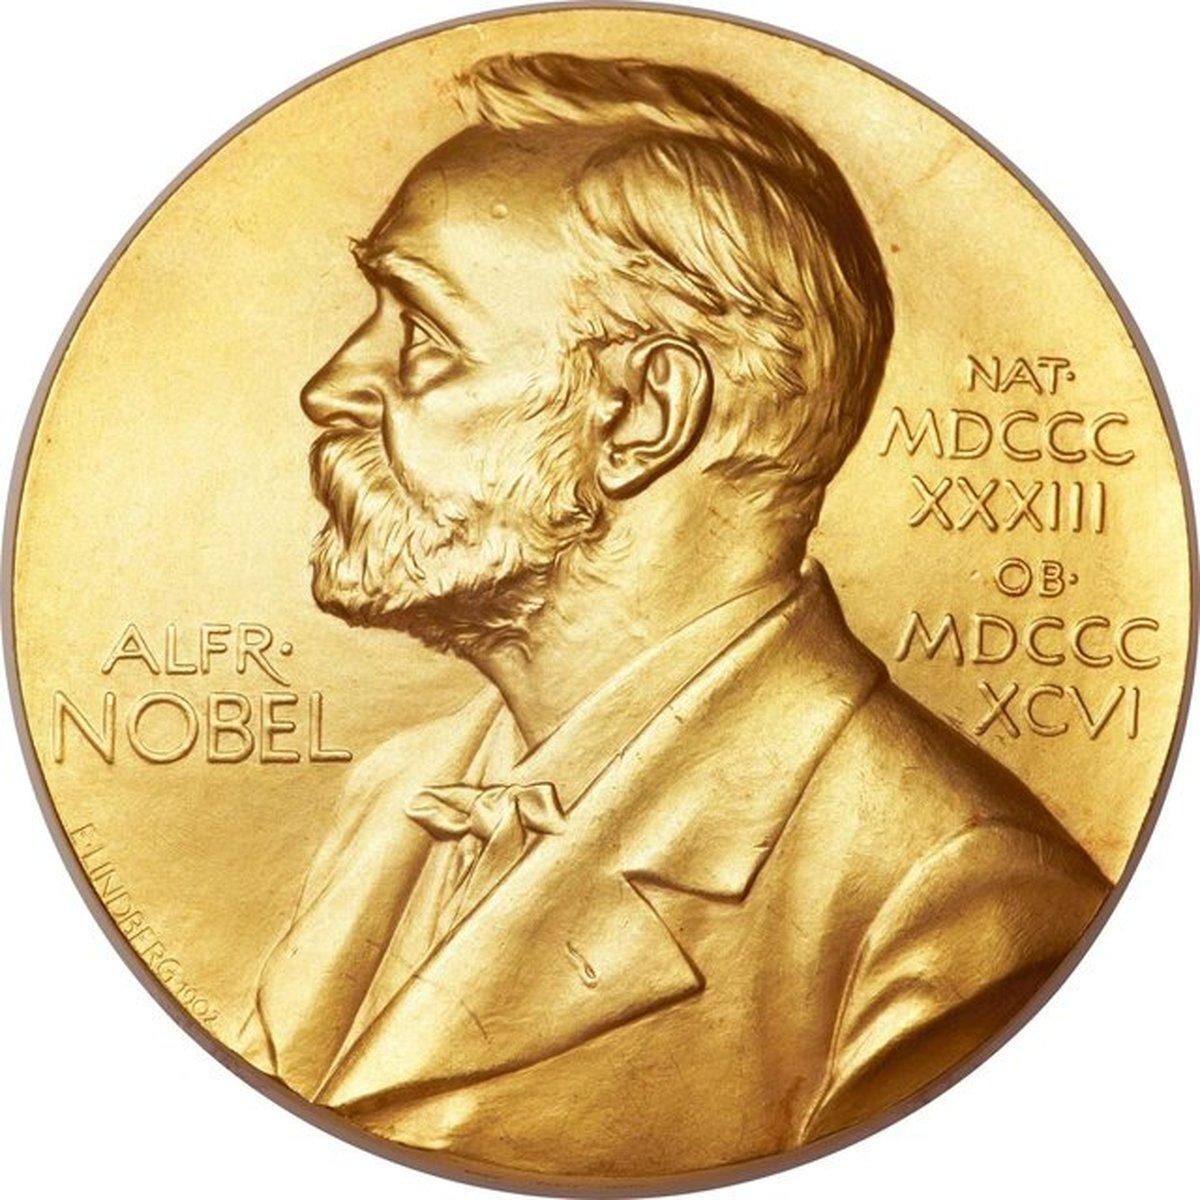 استنفوردی ها برنده نوبل اقتصاد شدند